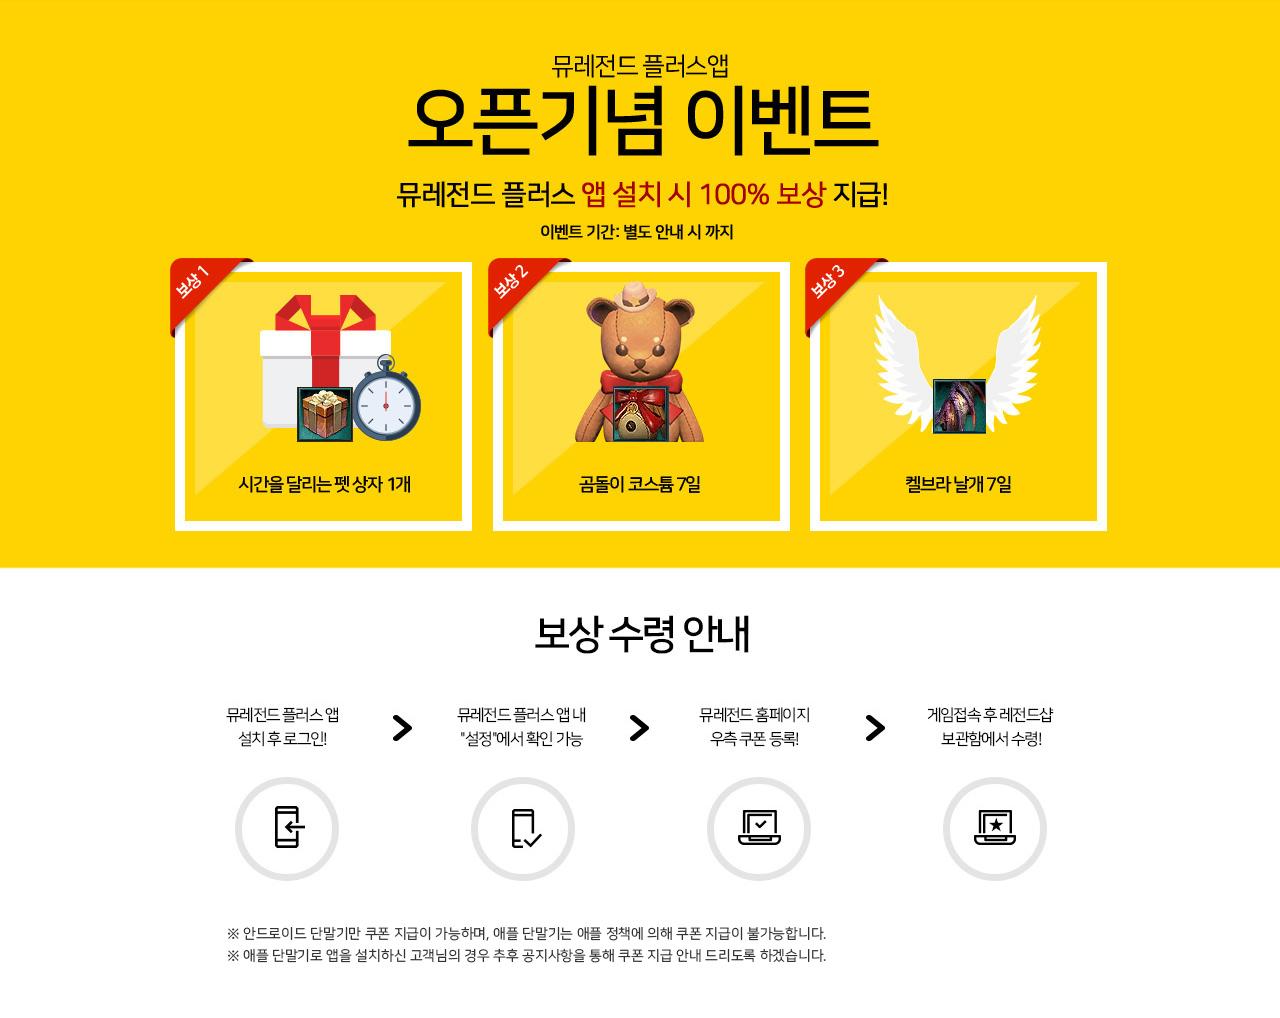 오픈 기념 이벤트 뮤레전드 플러스 앱 설치시 100% 보상 지급!